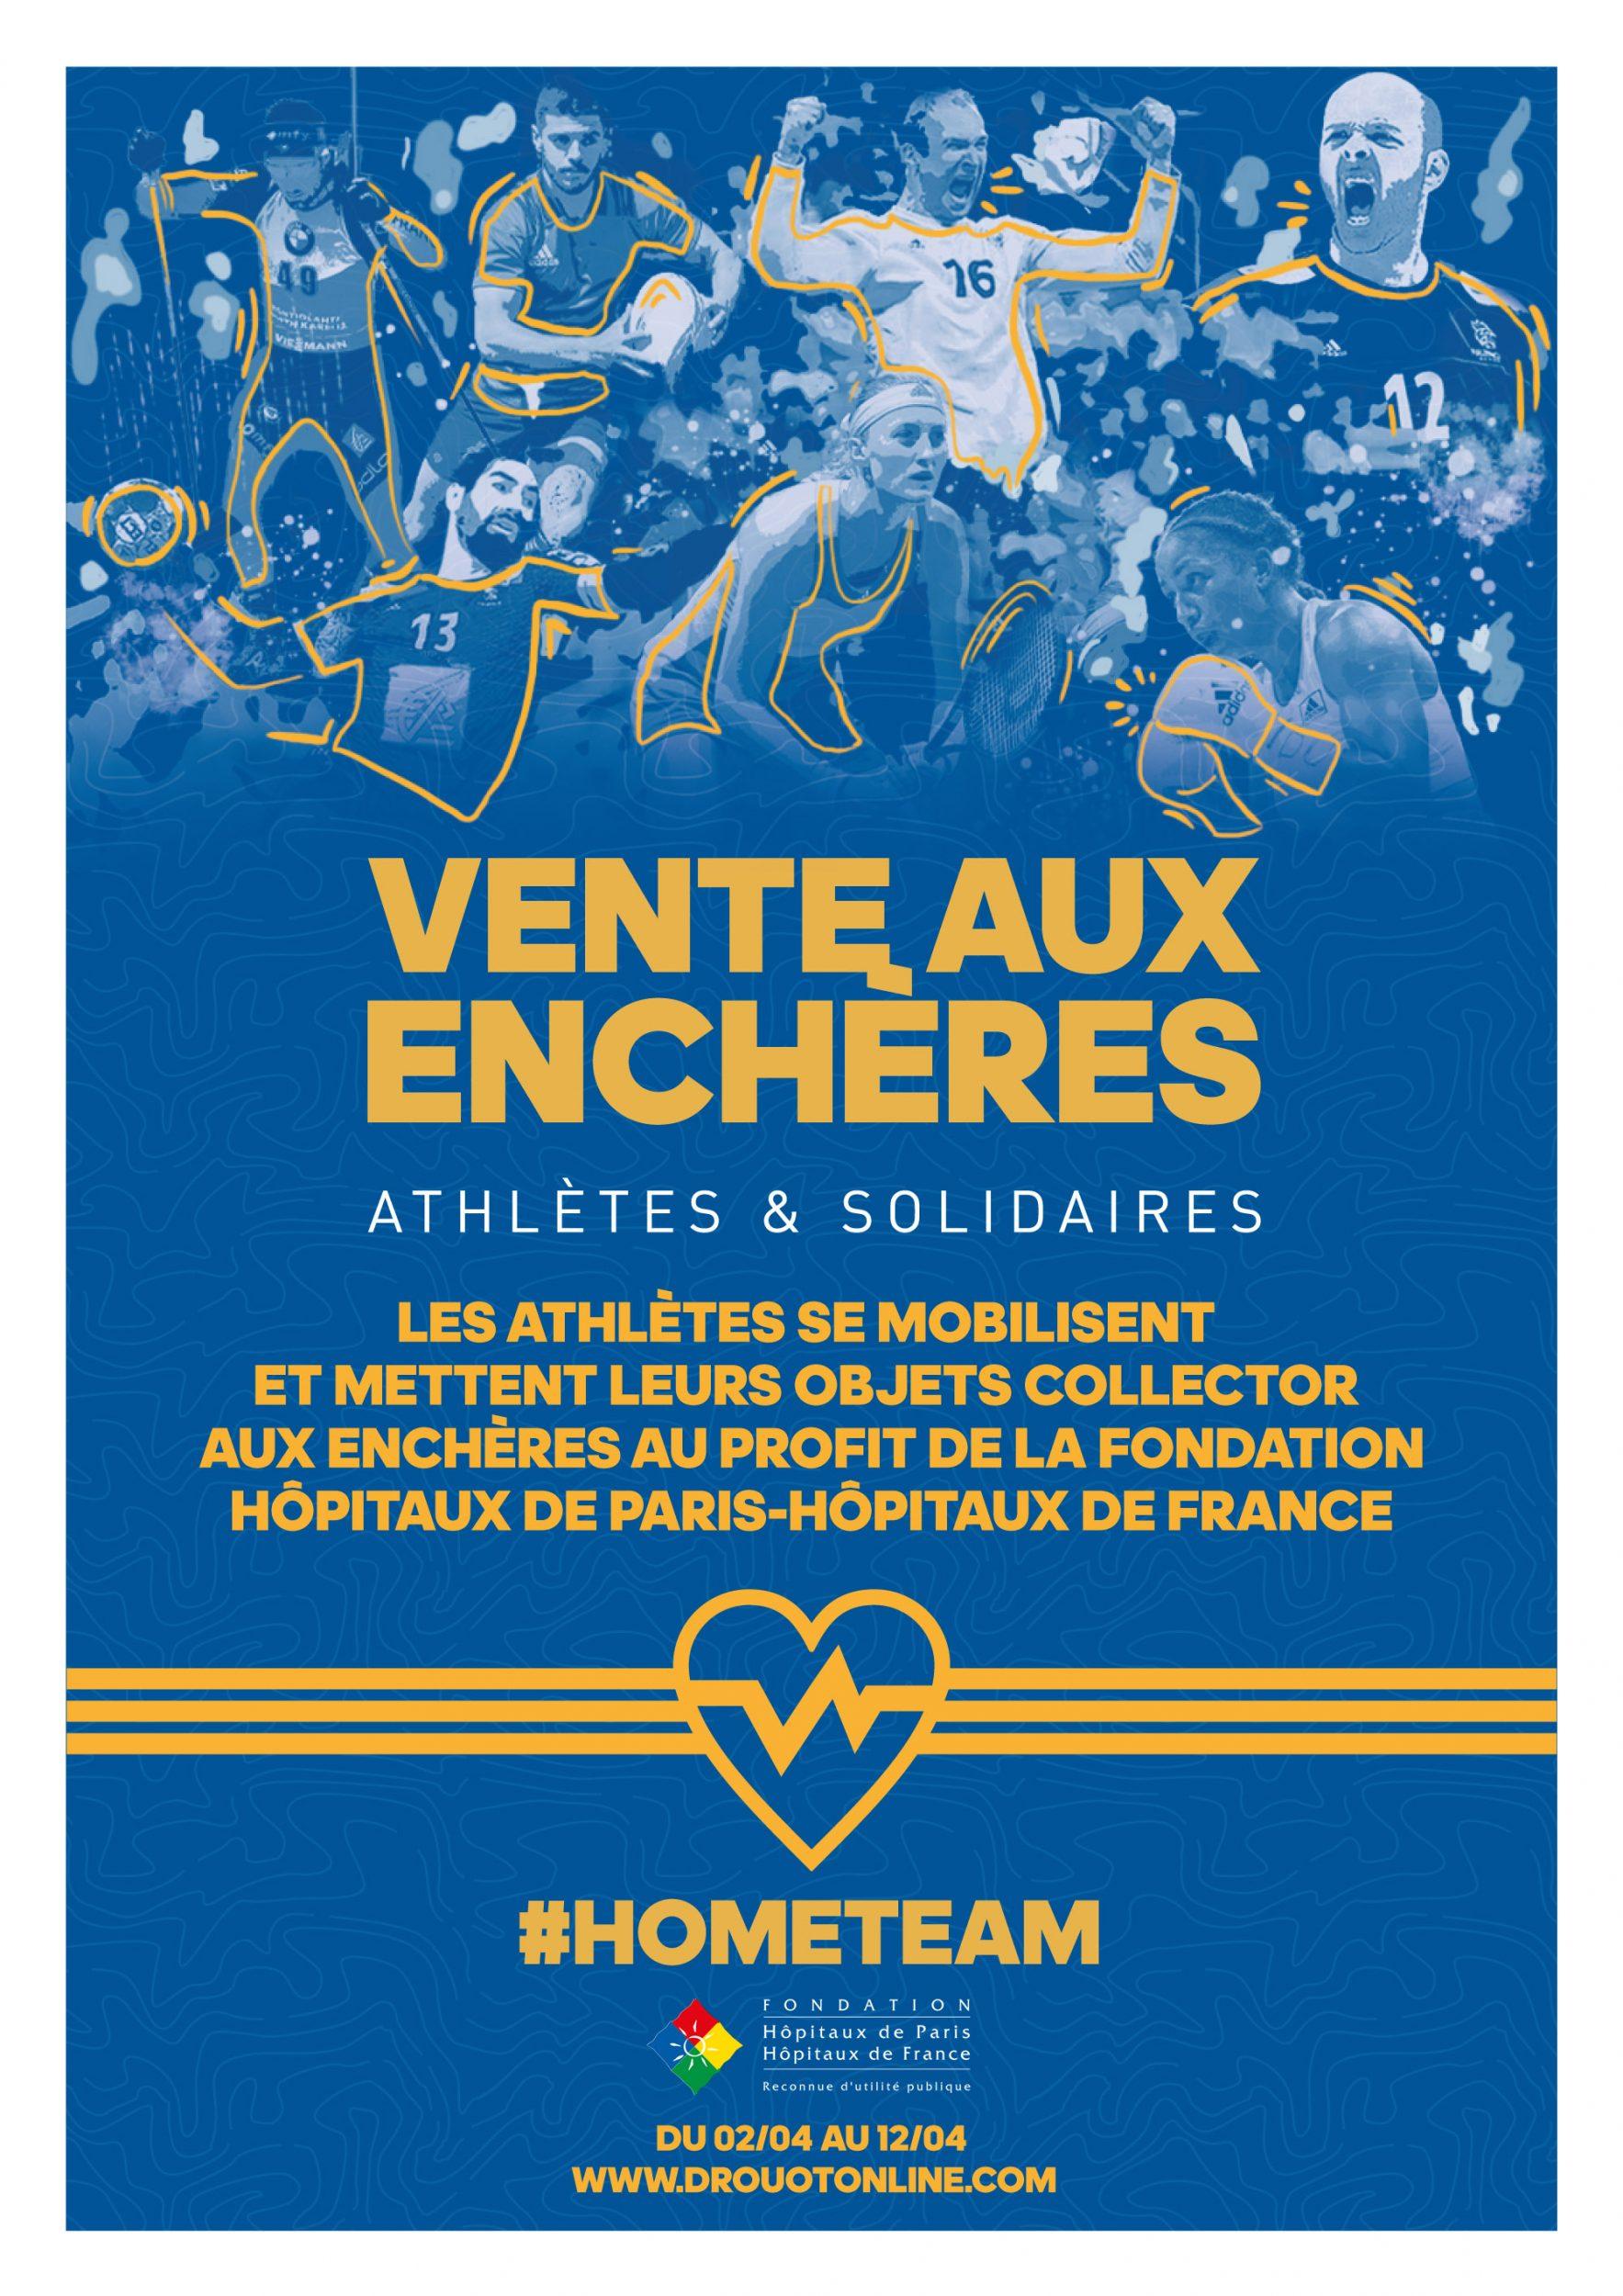 vente-aux-enchères-athlètes-et-solidaires-adidas-handball-1